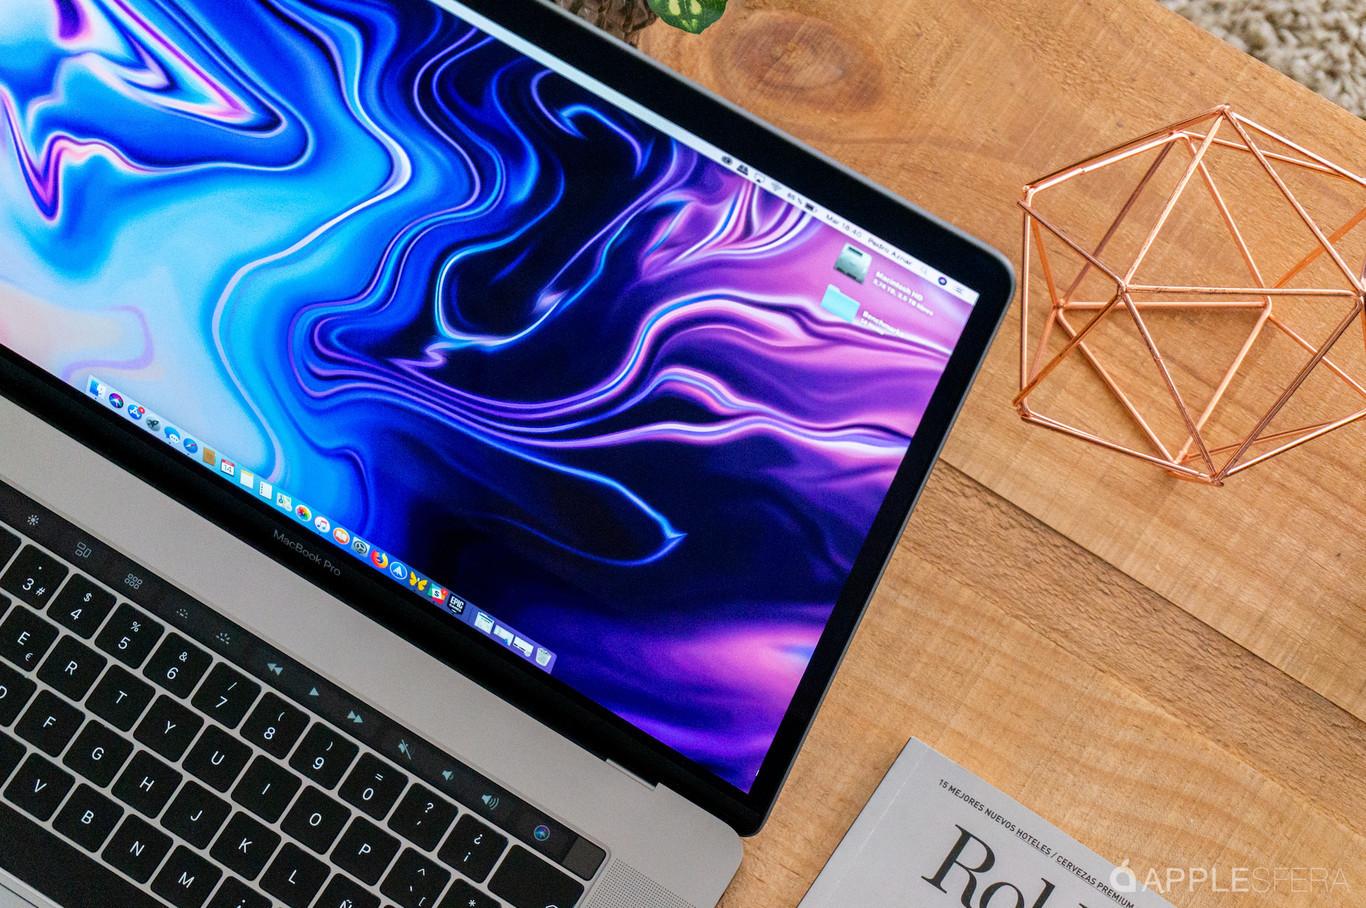 【Crea USB avviabile】 ▷ Come farlo su Windows, Linux e MAC? ✌ 2